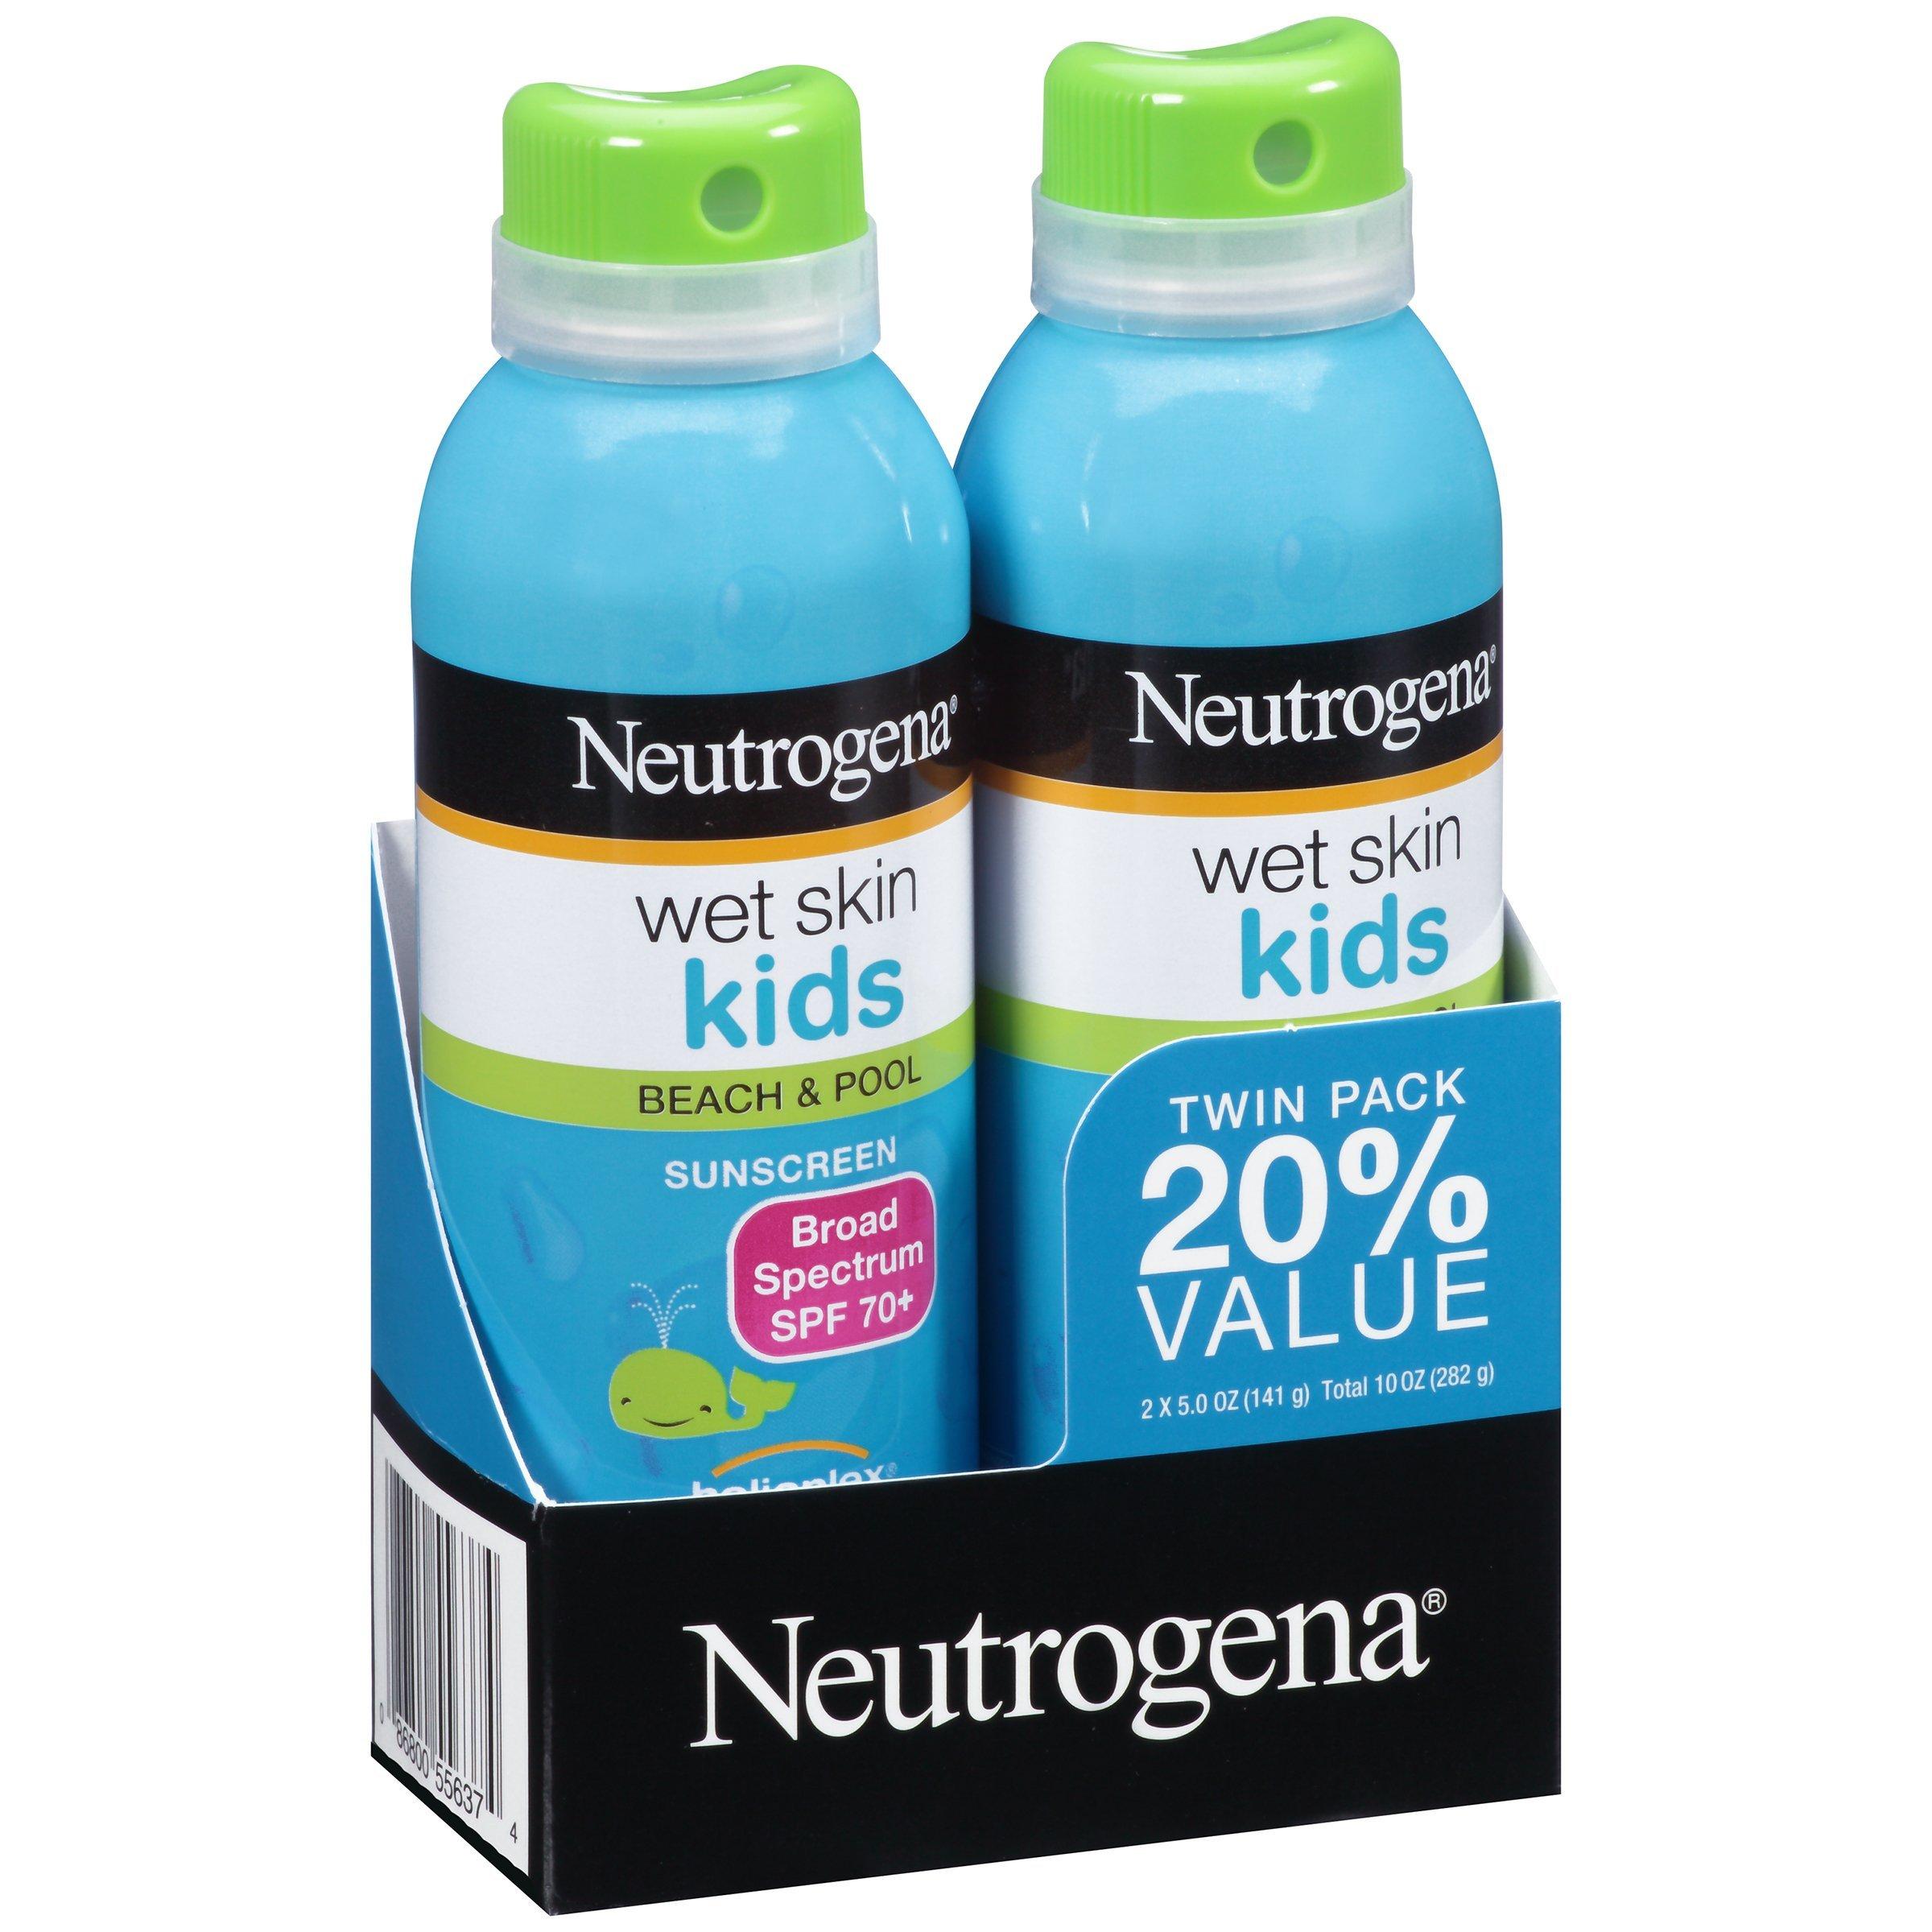 Neutrogena Wet Skin Kids Sunscreen Spray, Twin Pack by Neutrogena (Image #3)